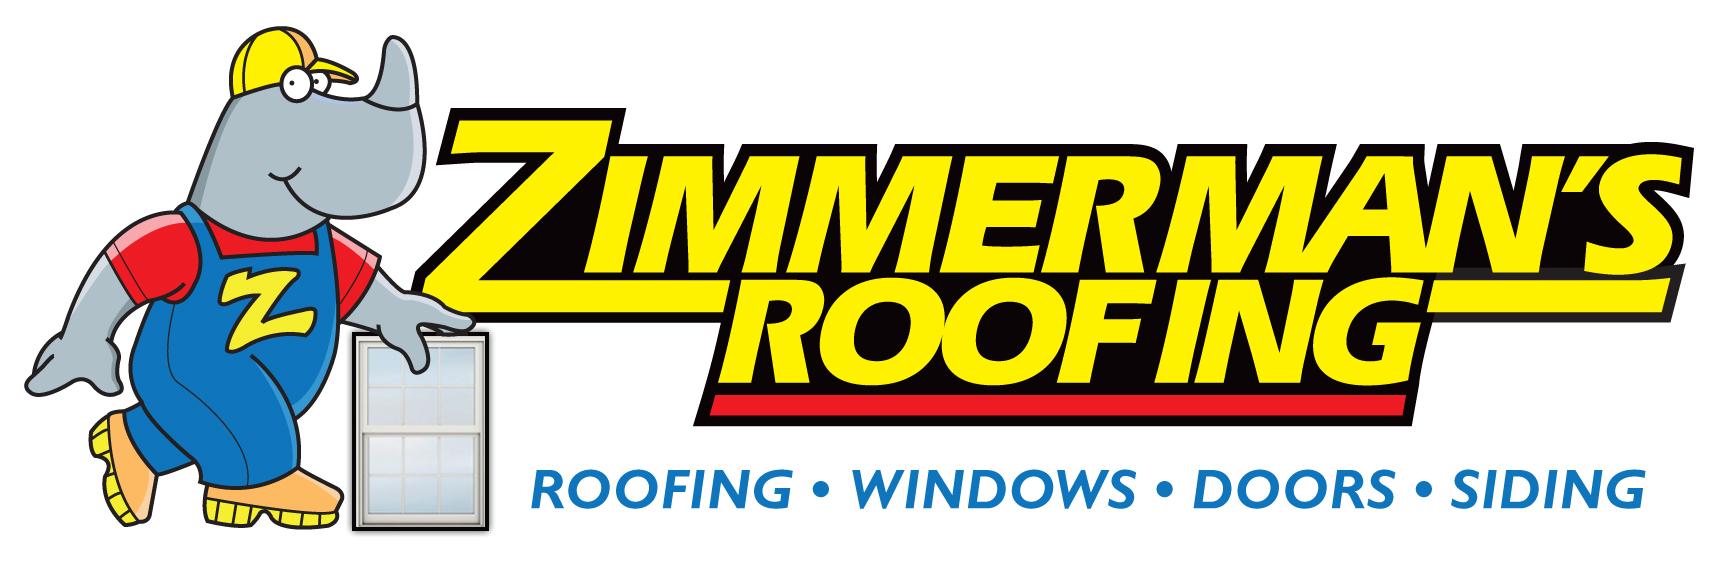 Zimmerman's Roofing